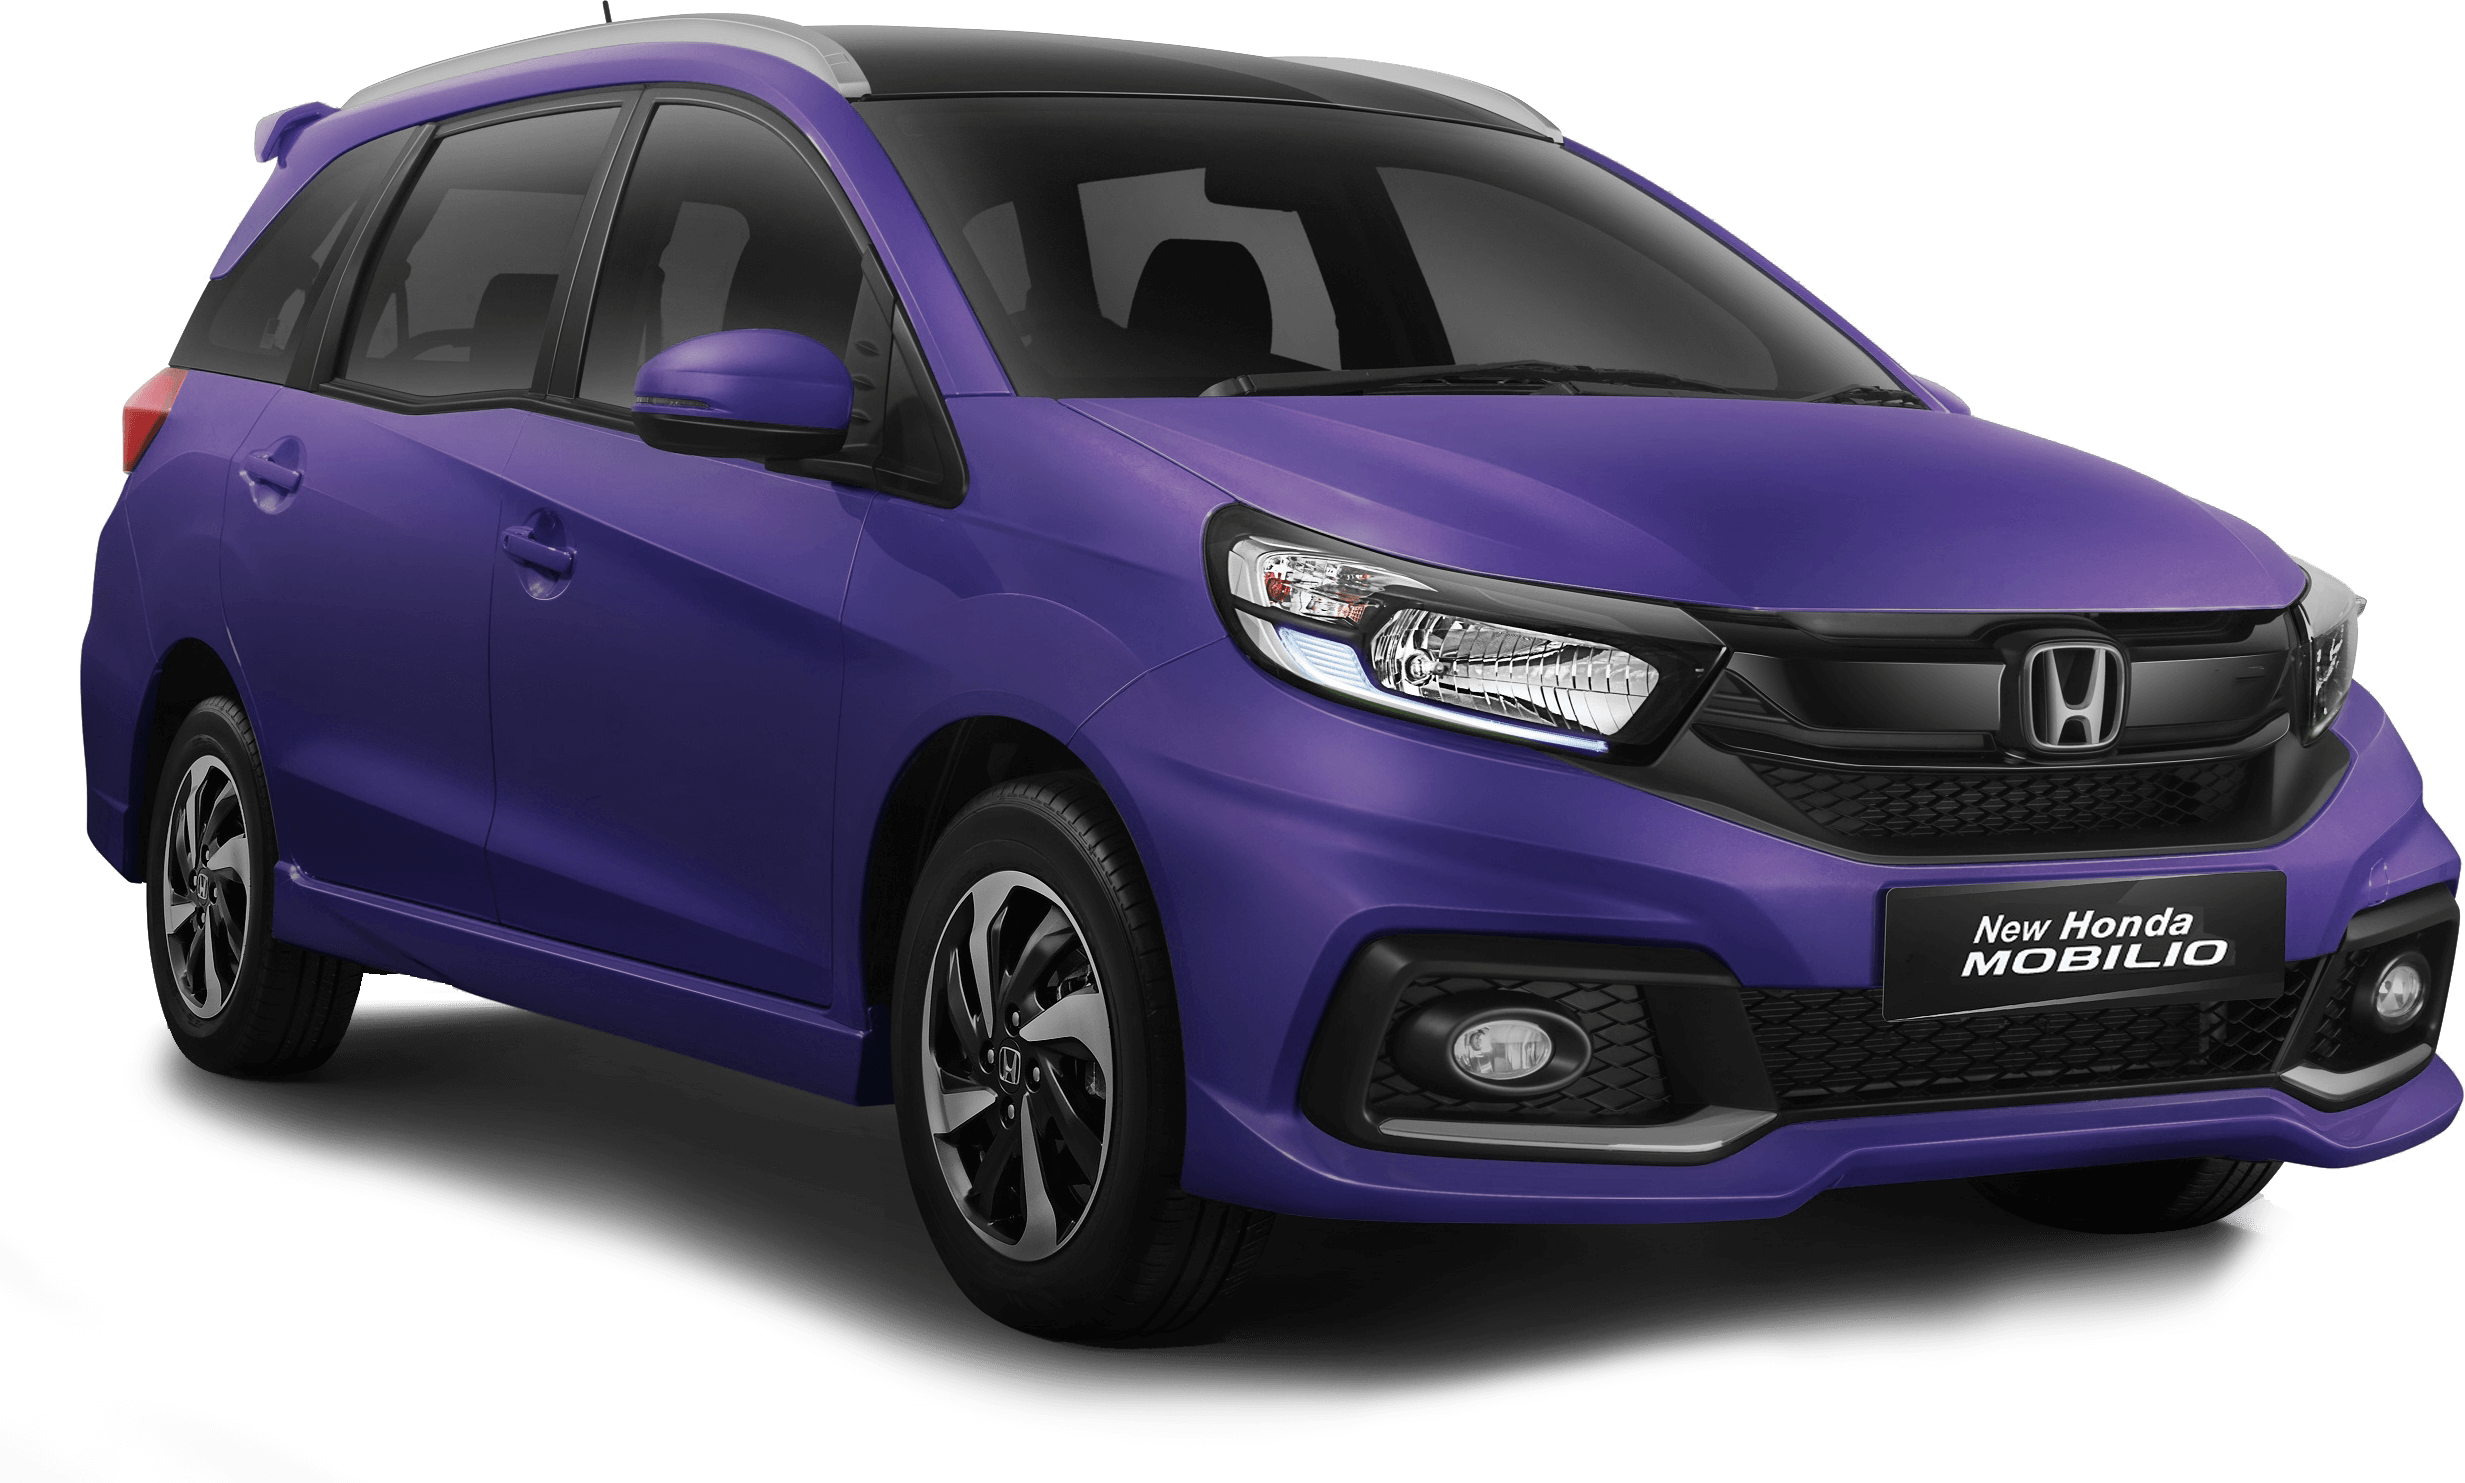 Honda Mobilio Mobil untuk anak muda untuk 7 penumpang